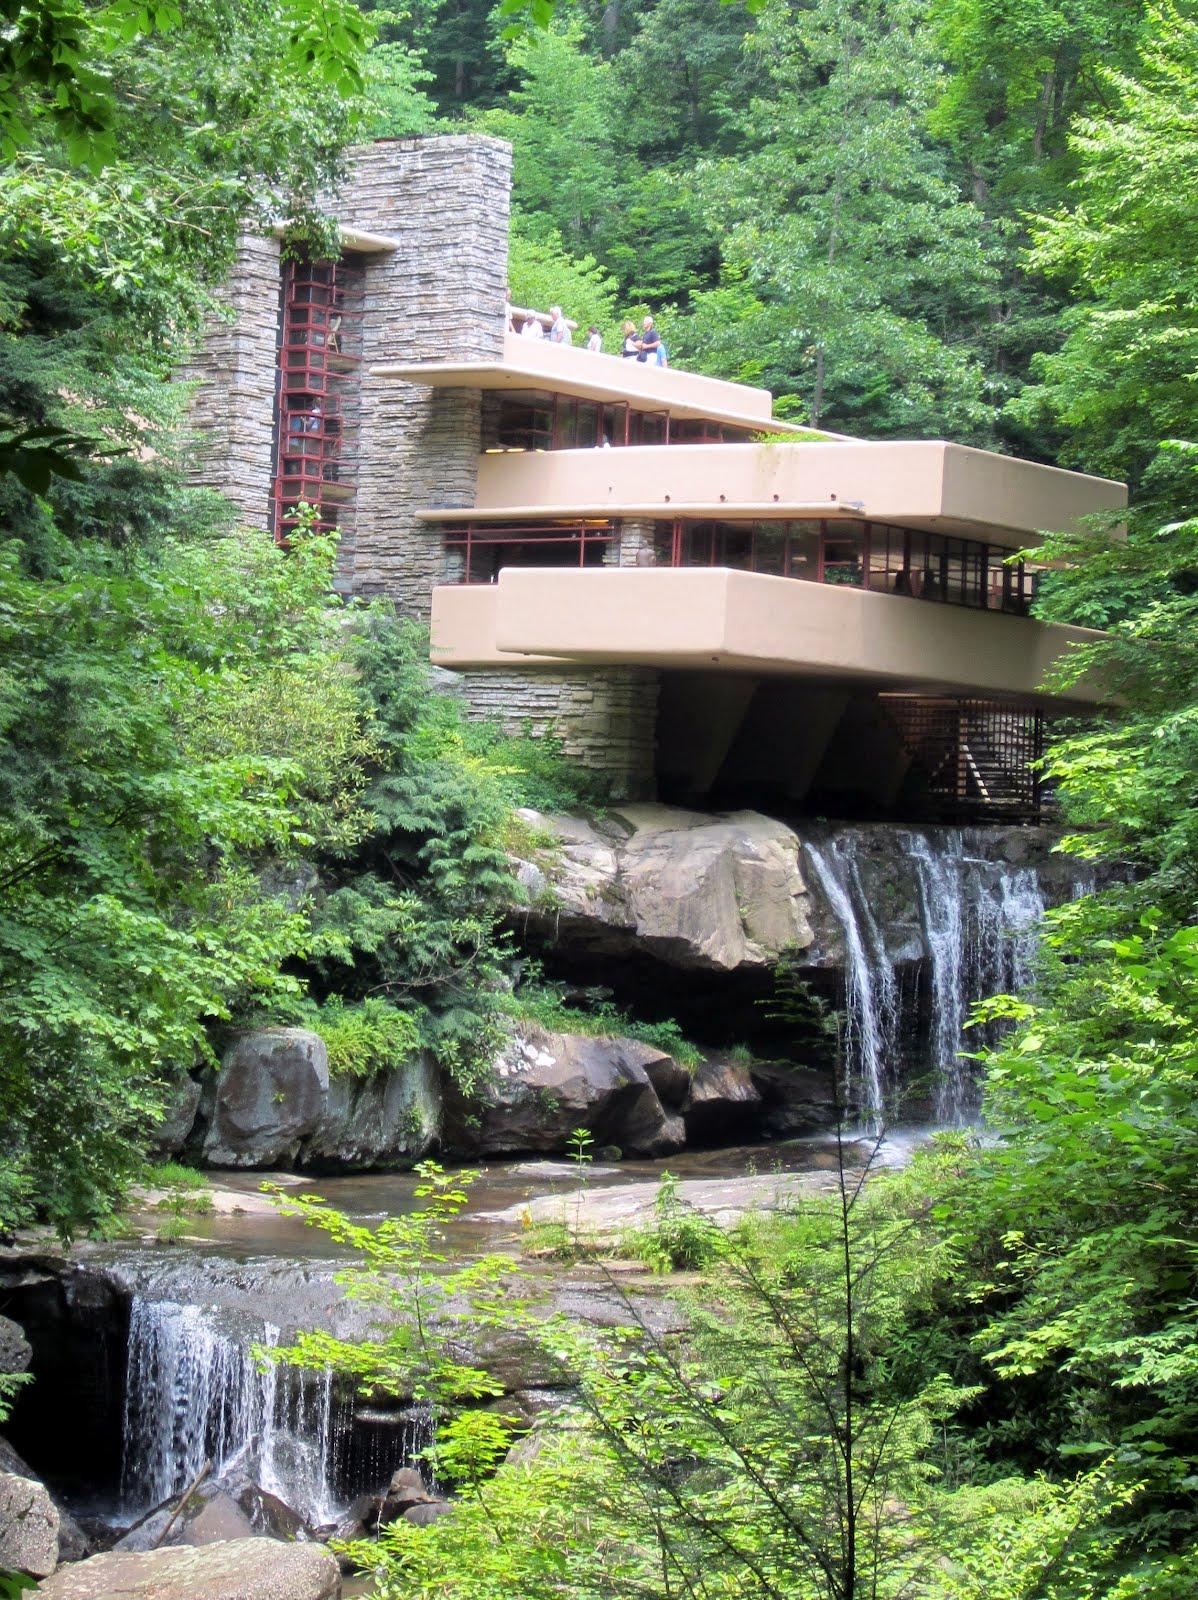 http://1.bp.blogspot.com/-Ha7di8bF3zU/T-peZJUs0tI/AAAAAAAAGLM/hwVJXRowYa4/s1600/fallingwater_iconic.JPG